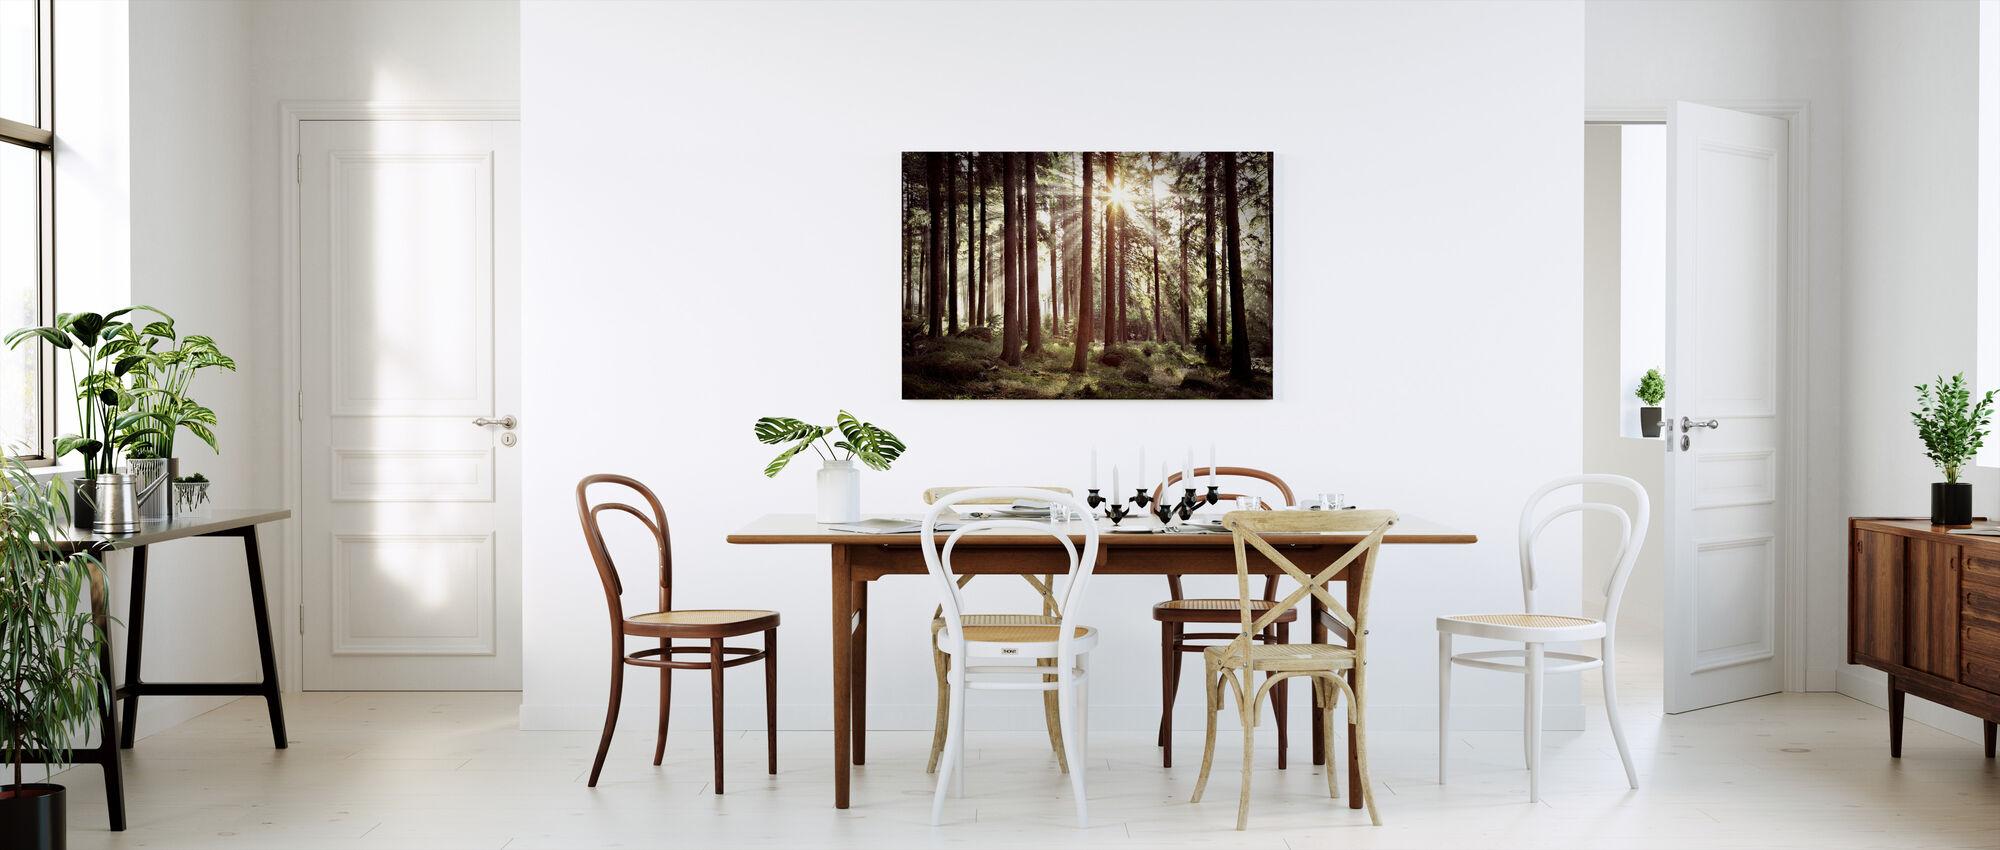 Solstråle genom träd - Retro - Canvastavla - Kök